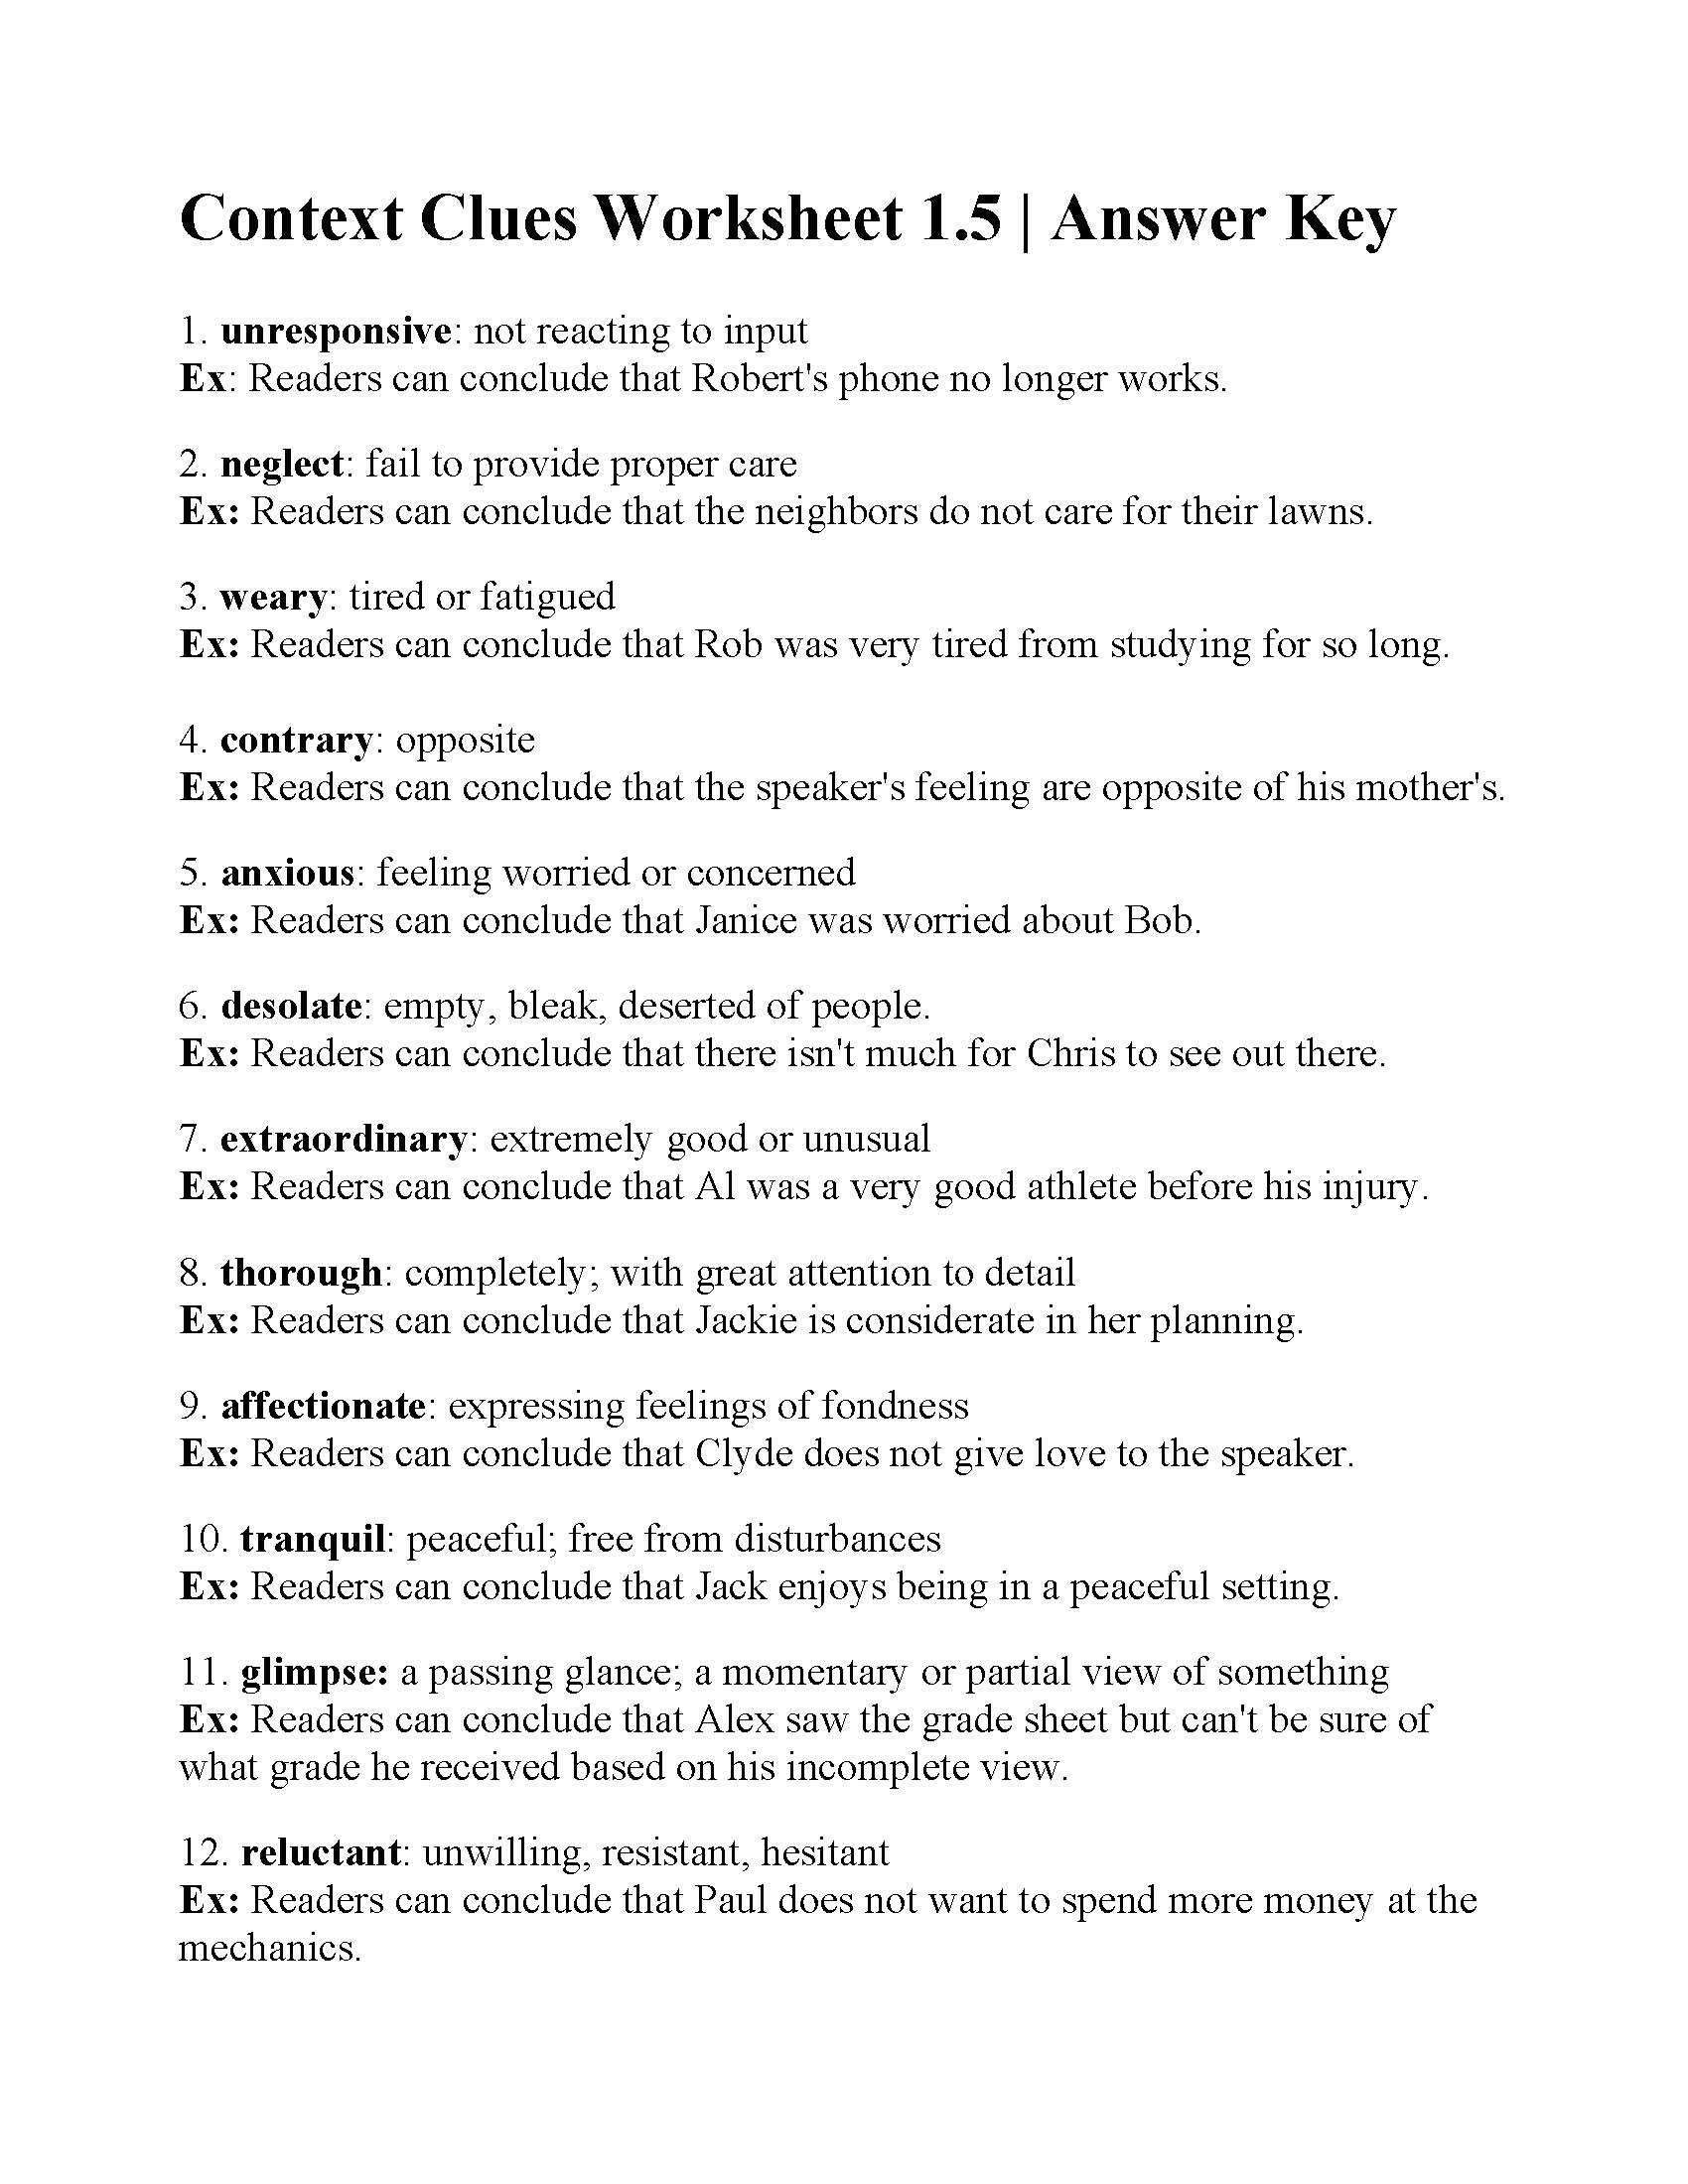 Context Clues 5th Grade Worksheets Context Clues Worksheet 1 5